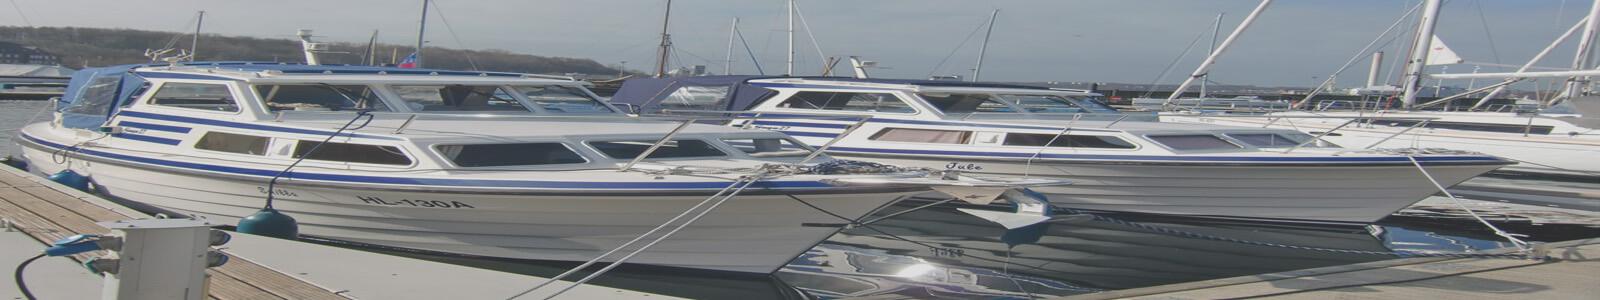 motorboot ankauf in der ganzen Schweiz